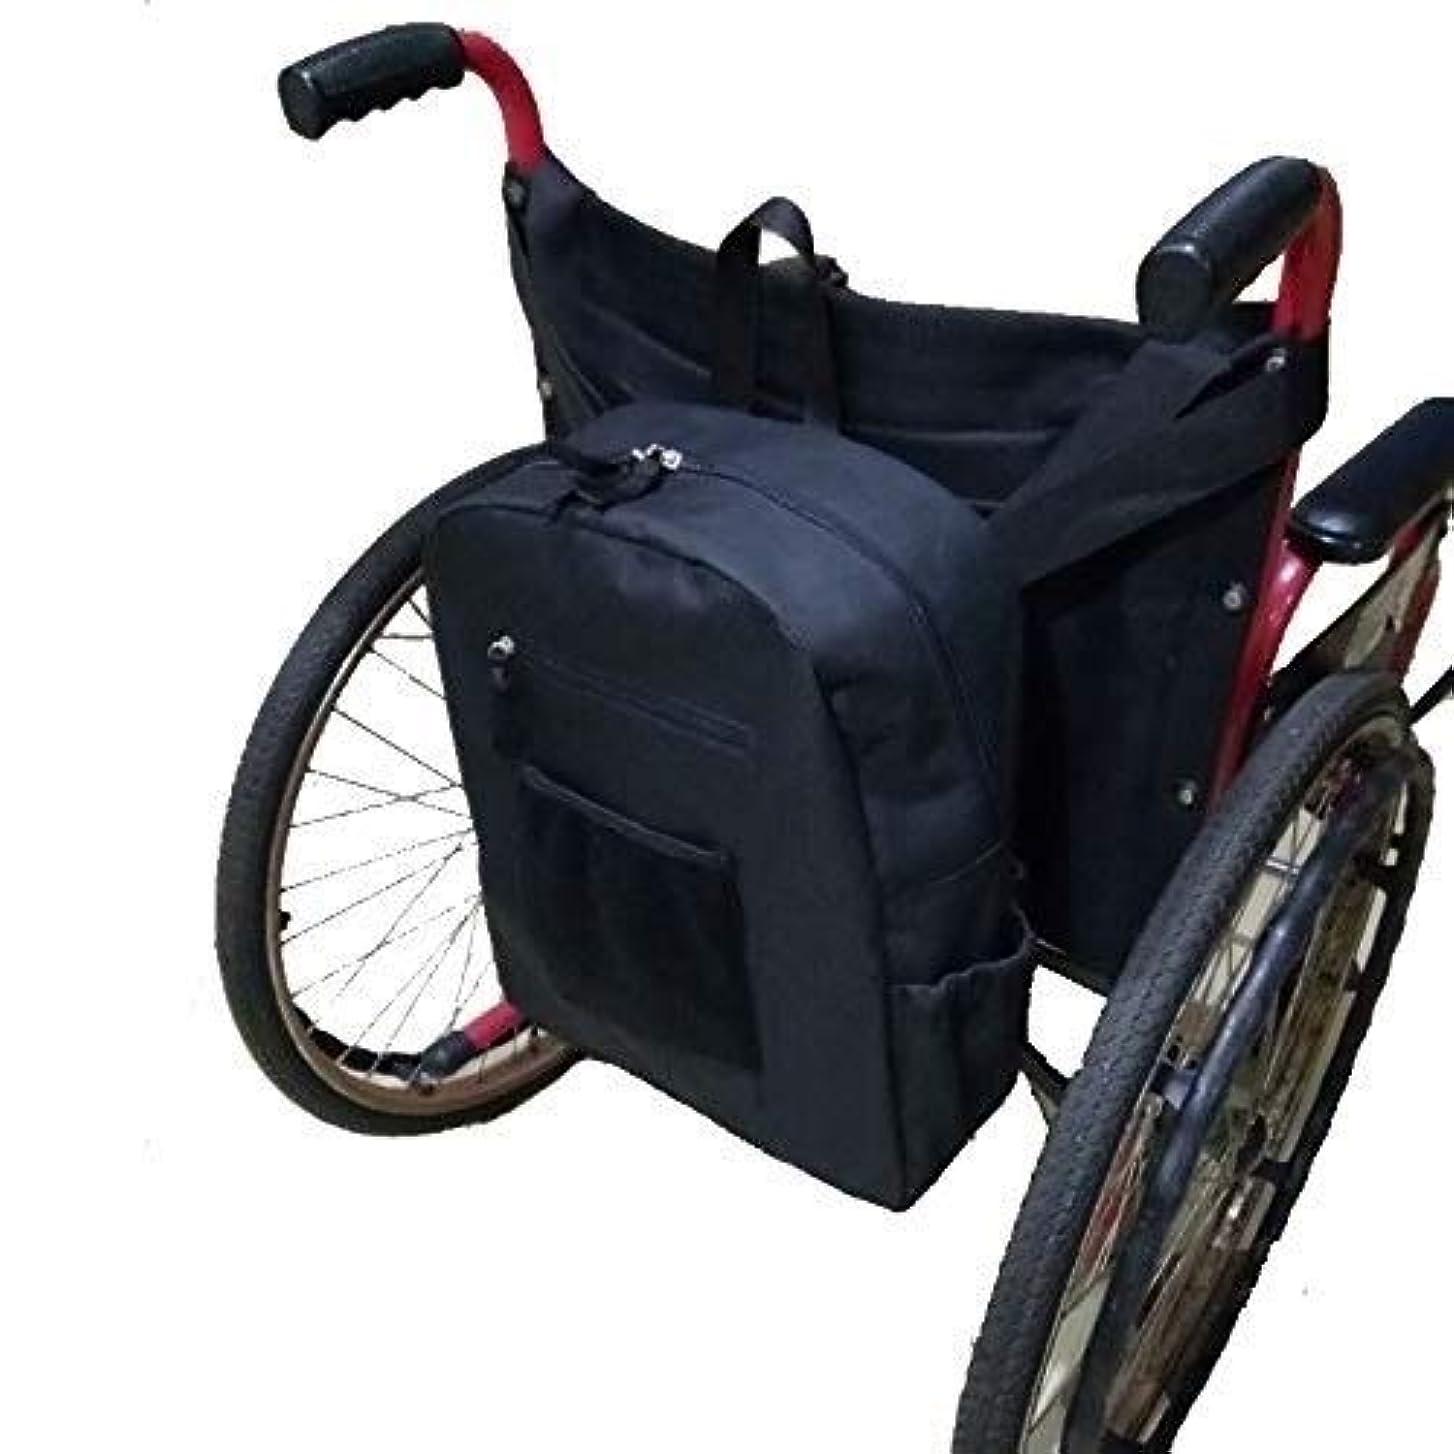 性差別関連する今後車椅子用バッグ、丈夫なオックスフォードの布製の椅子用バッグ車椅子用リュックサックバッグ、高齢者用?身体障害者用 - ほとんどの車椅子用